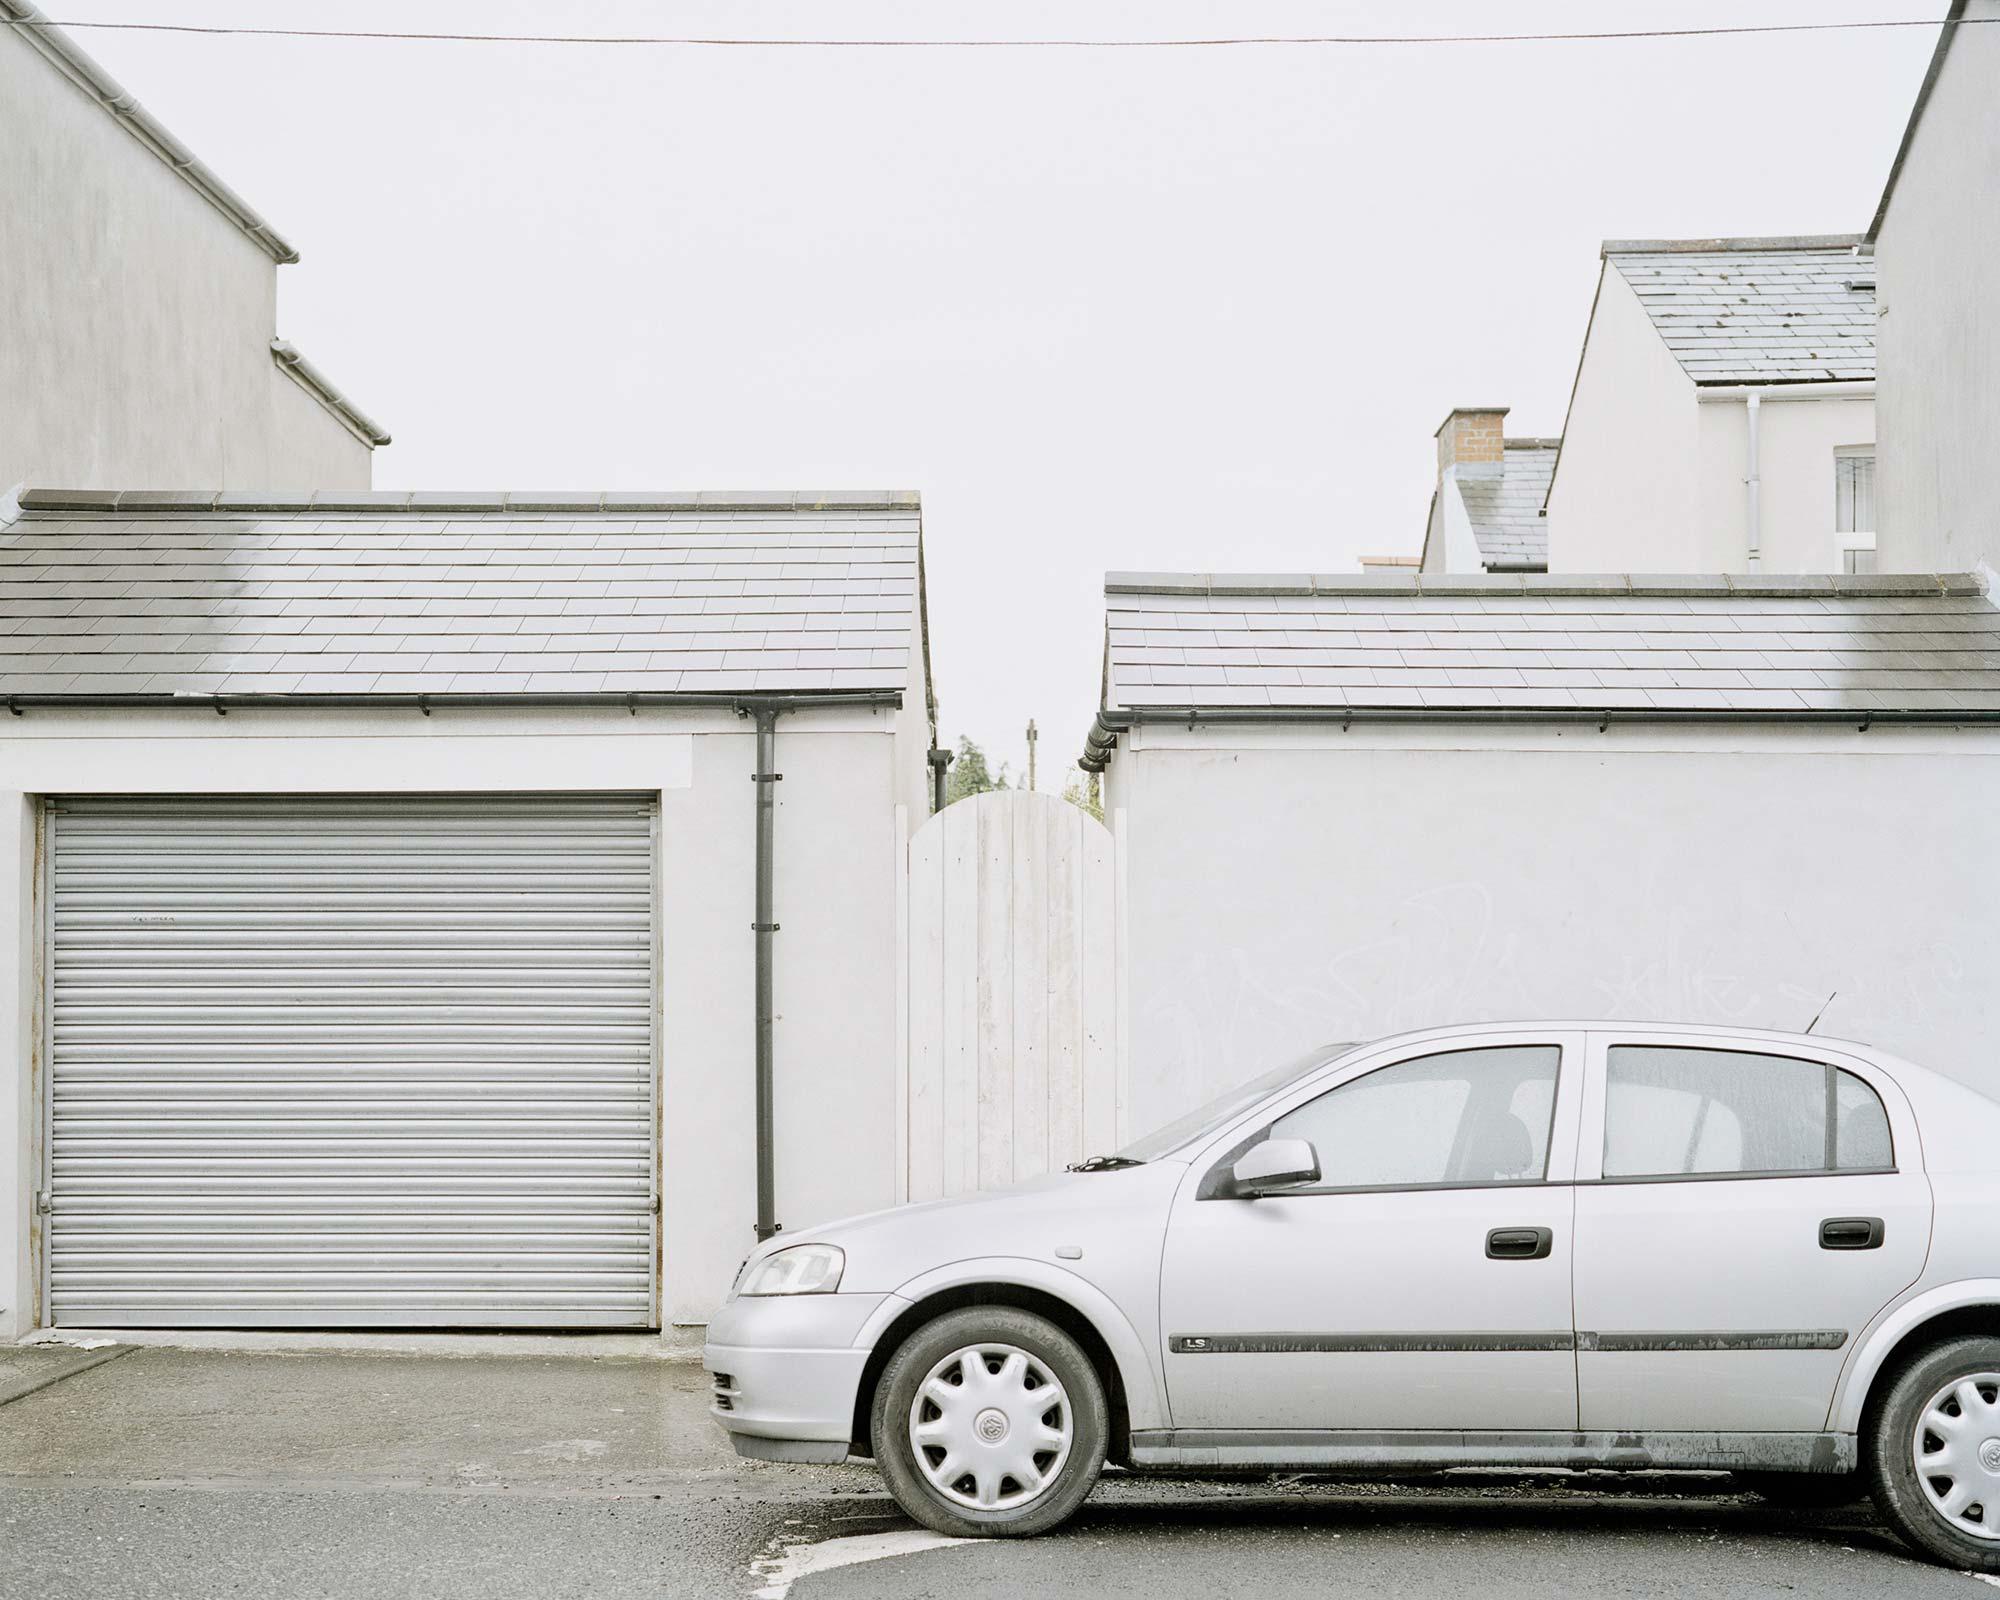 life-framer-urban-emptiness-merijn-koelink